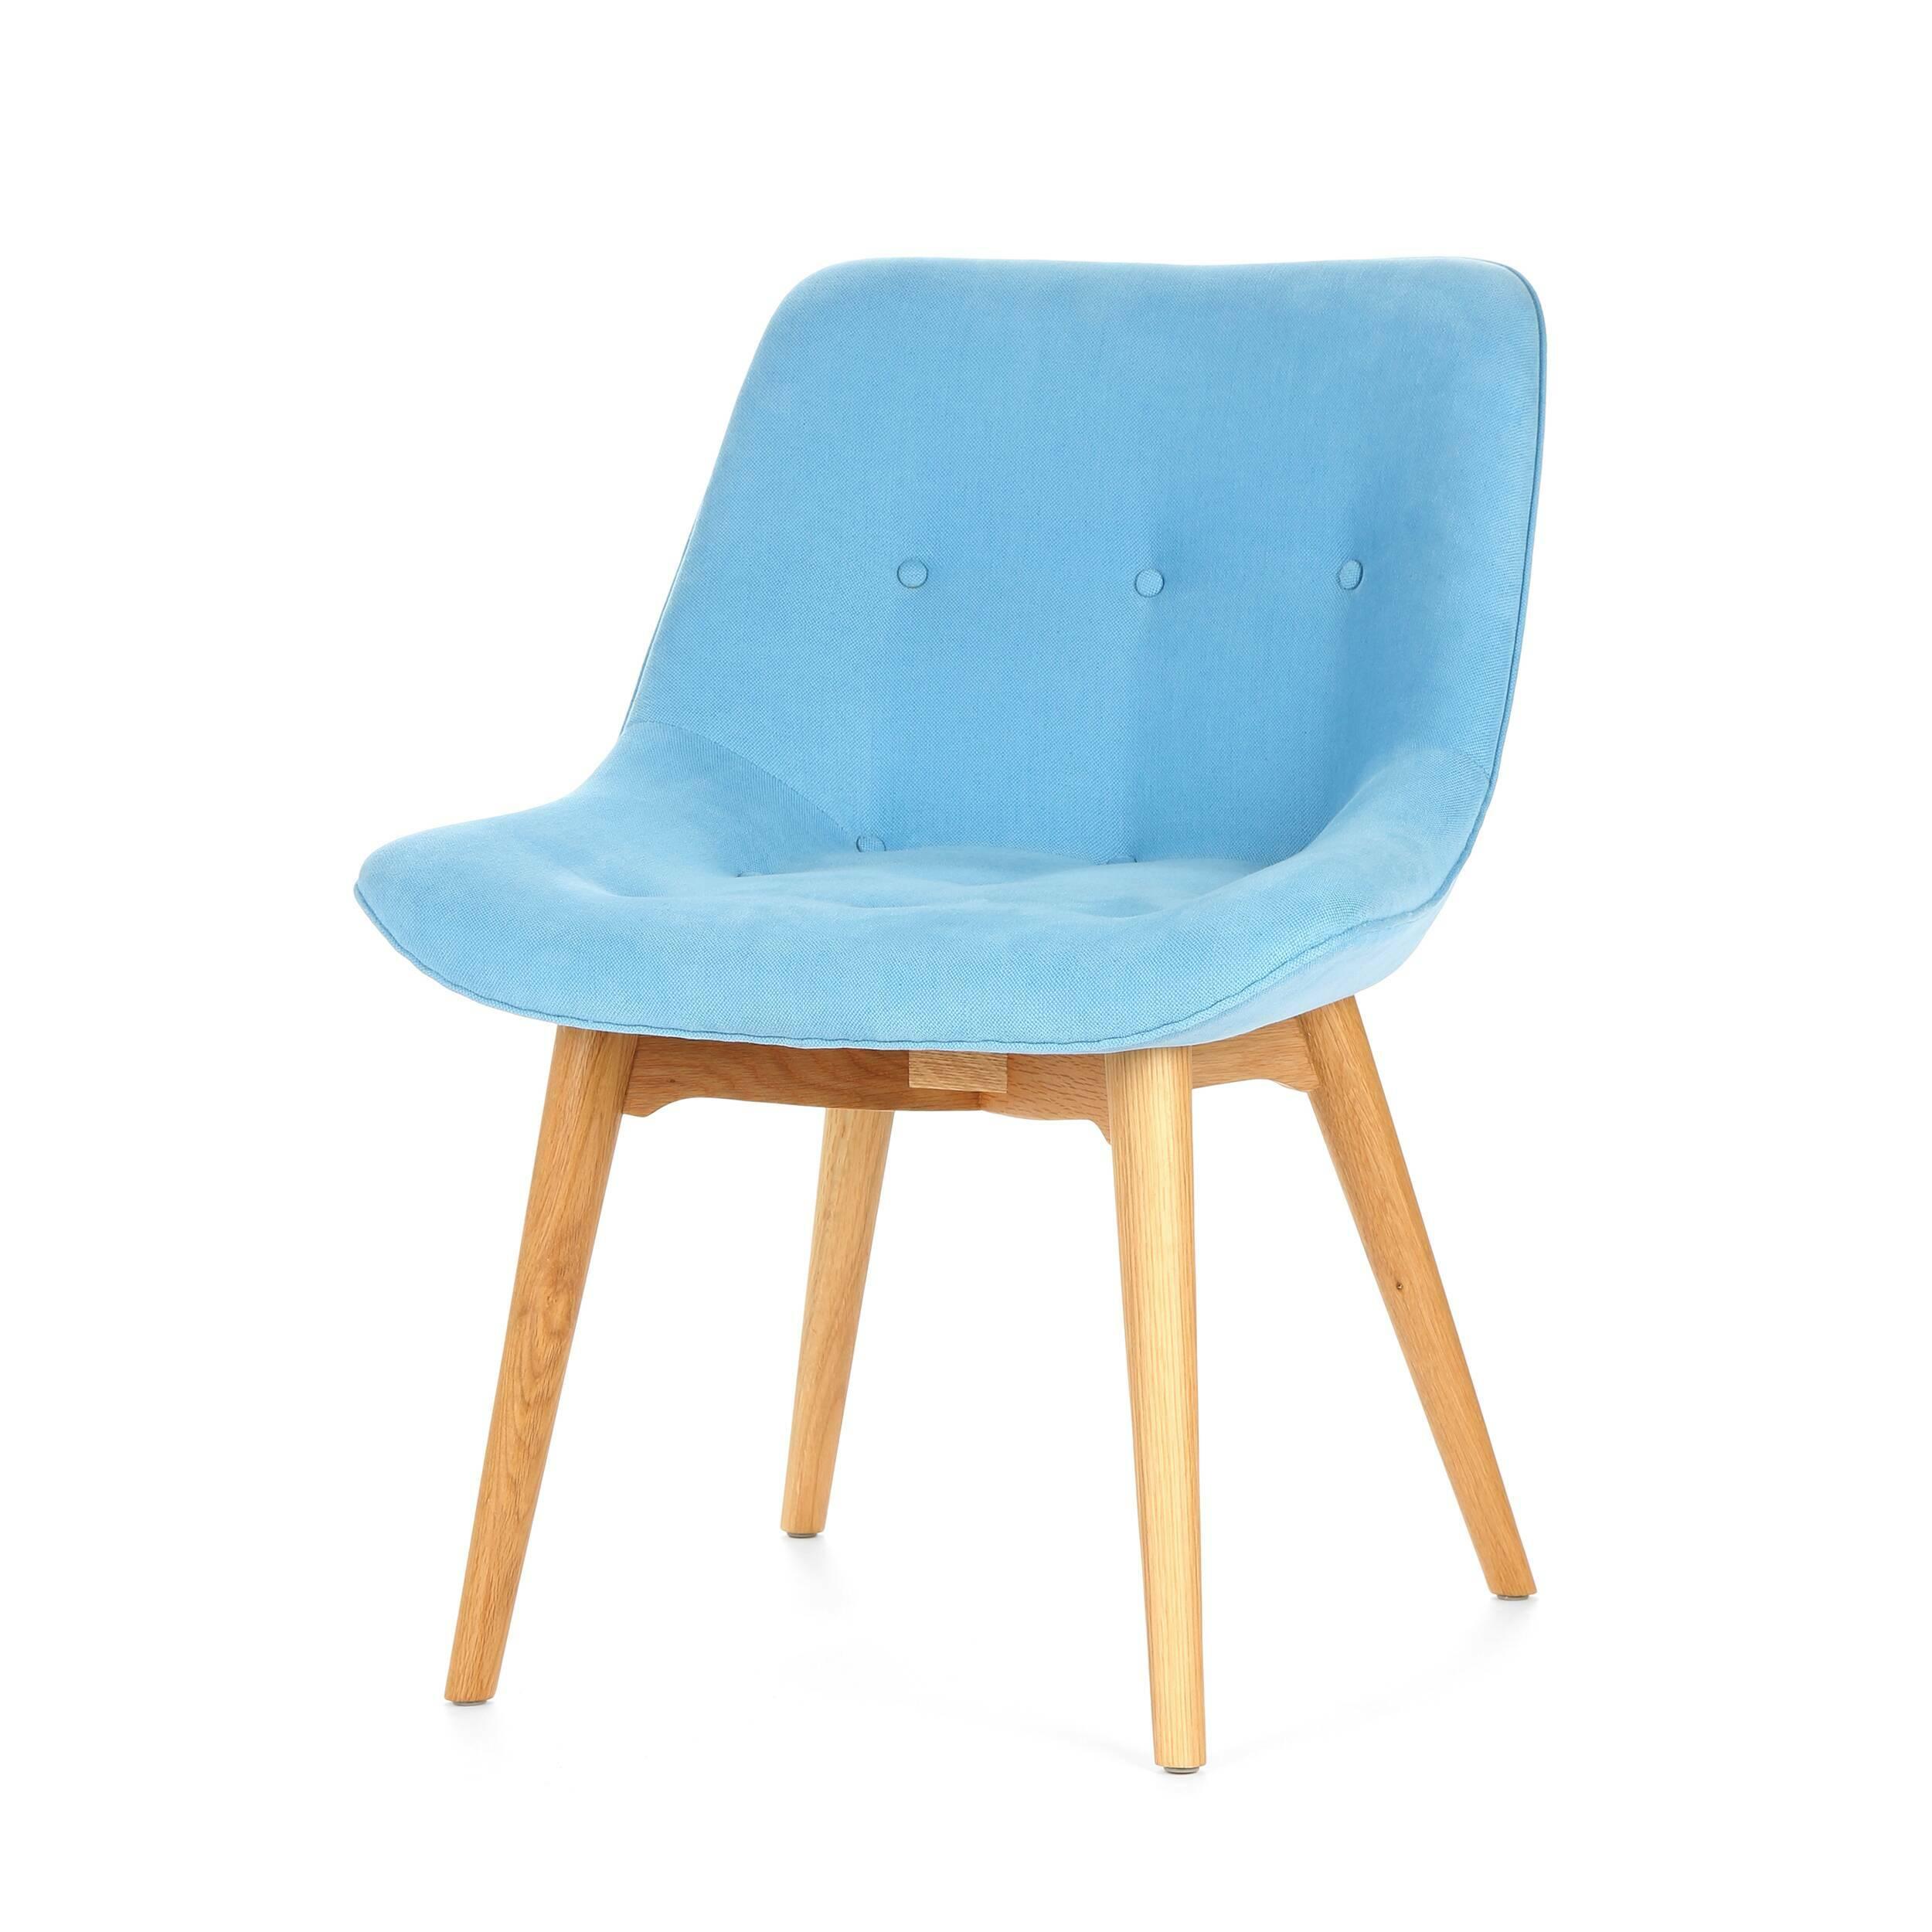 Стул BontempiИнтерьерные<br>Дизайнерский мягкий интерьерный стул Bontempi (Бонтемпи) без подлокотников на деревянных ножках от Cosmo (Космо).<br>При виде стула Bontempi невольно возникает желание провести по нему ладонью. Мягкая плюшевая обивка стула будто создана для того, чтобы создавать уют в любом помещении, где бы стул ни расположили.<br> <br> Абсолютная симметрия доставляет эстетическое удовольствие. Спокойные цвета конструкции и обивки подходят широкому спектру интерьеров различных стилей, в которых стул Bontempi смотр...<br><br>stock: 7<br>Высота: 78<br>Высота сиденья: 43<br>Ширина: 60<br>Глубина: 58,5<br>Цвет ножек: Белый дуб<br>Материал ножек: Массив дуба<br>Материал сидения: Хлопок, Лен<br>Цвет сидения: Голубой<br>Тип материала сидения: Ткань<br>Коллекция ткани: Ray Fabric<br>Тип материала ножек: Дерево